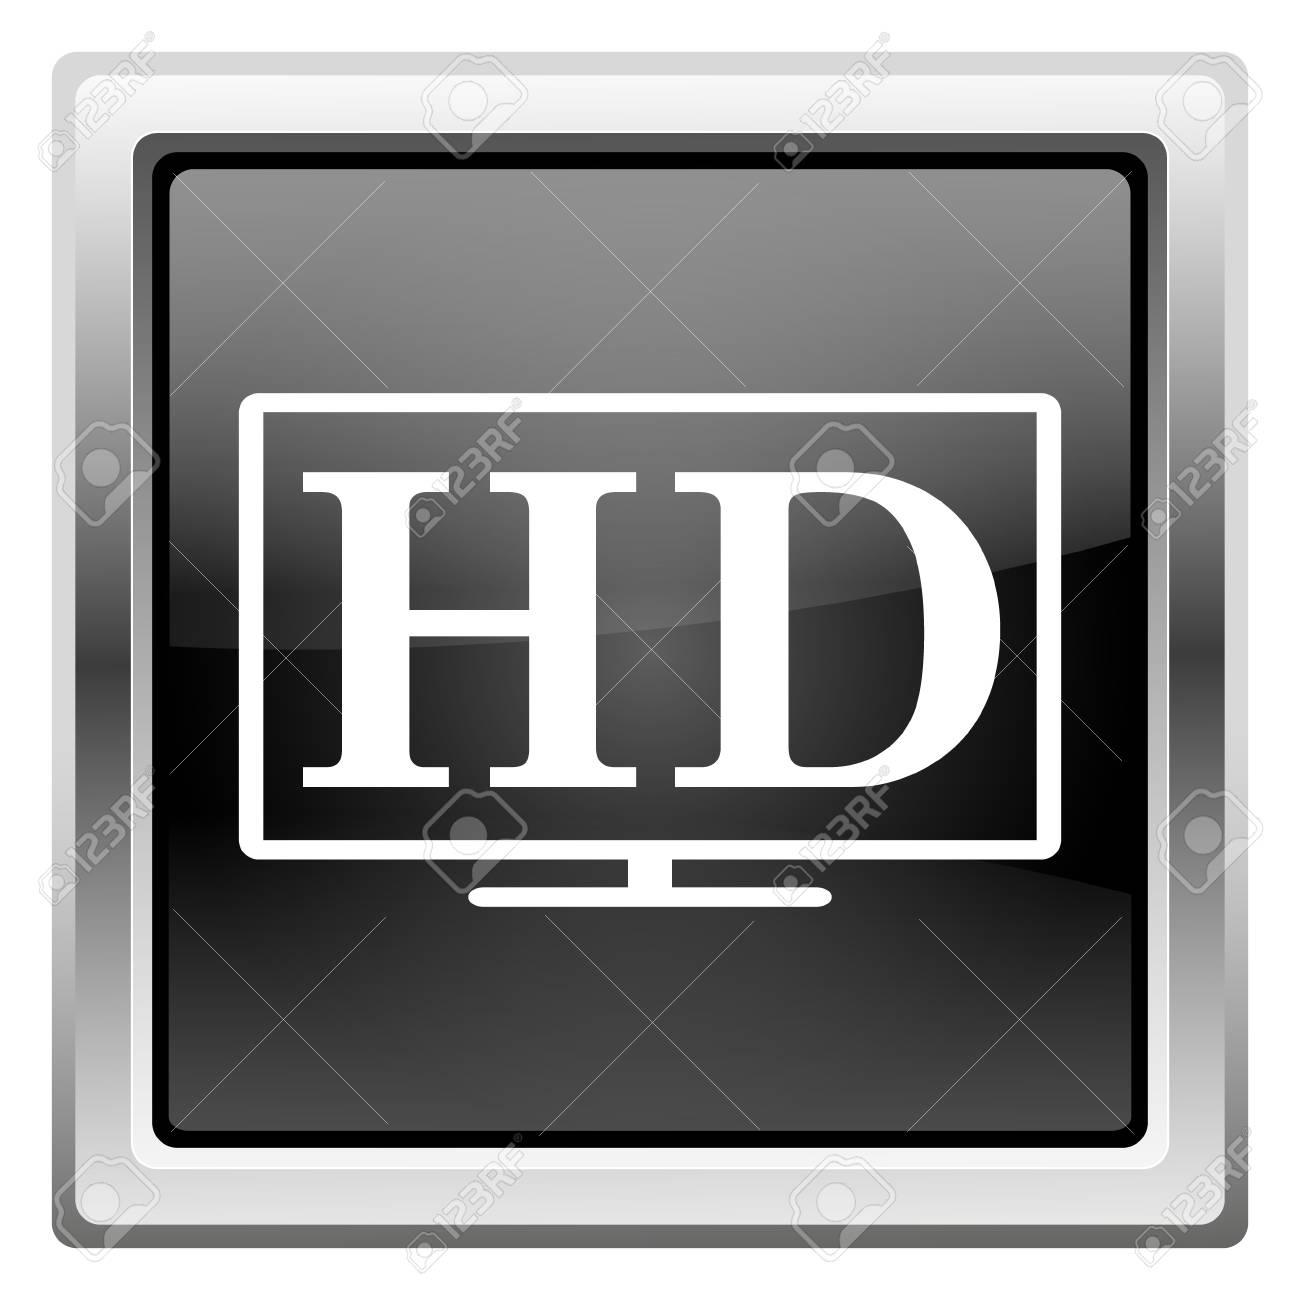 Metallic icon with white design on black background Stock Photo - 22491295